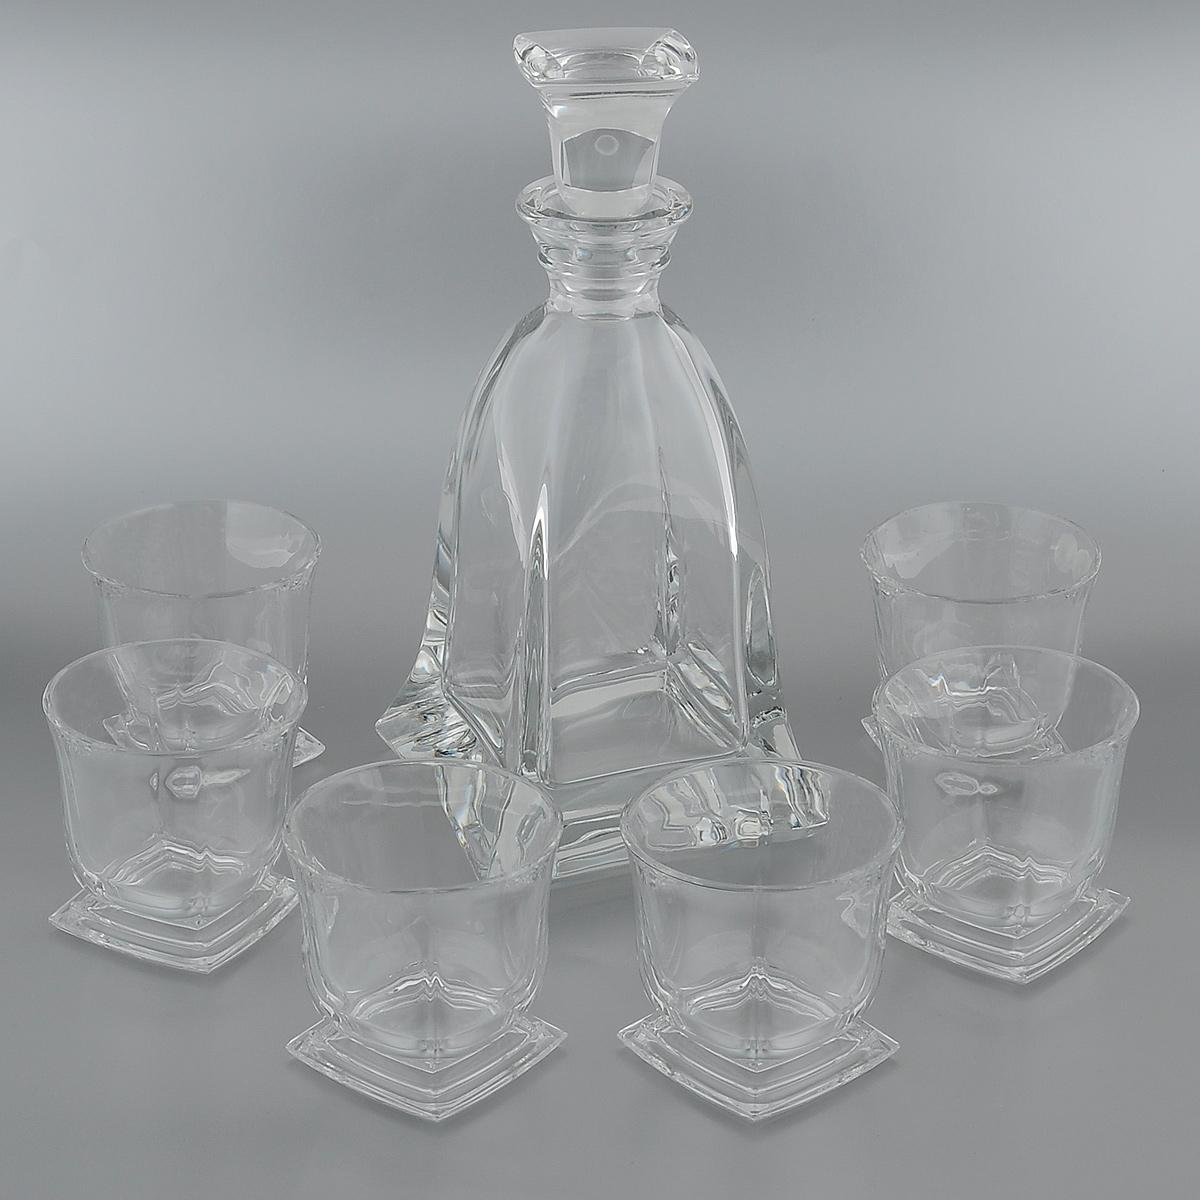 """Набор для виски """"Crystal Bohemia"""" состоит из штофа и шести стаканов. Изделия выполнены из прочного высококачественного хрусталя. Они излучают приятный блеск и издают мелодичный звон. Набор предназначен для виски. Набор для виски """"Crystal Bohemia"""" прекрасно оформит интерьер кабинета или гостиной и станет отличным дополнением бара. Такой набор также станет хорошим подарком к любому случаю. Объем штофа: 750 мл.Высота штофа (без крышки): 24 см.Объем стакана: 320 мл.Диаметр стакана по верхнему краю: 9 см.Высота стенок стакана: 9 см."""